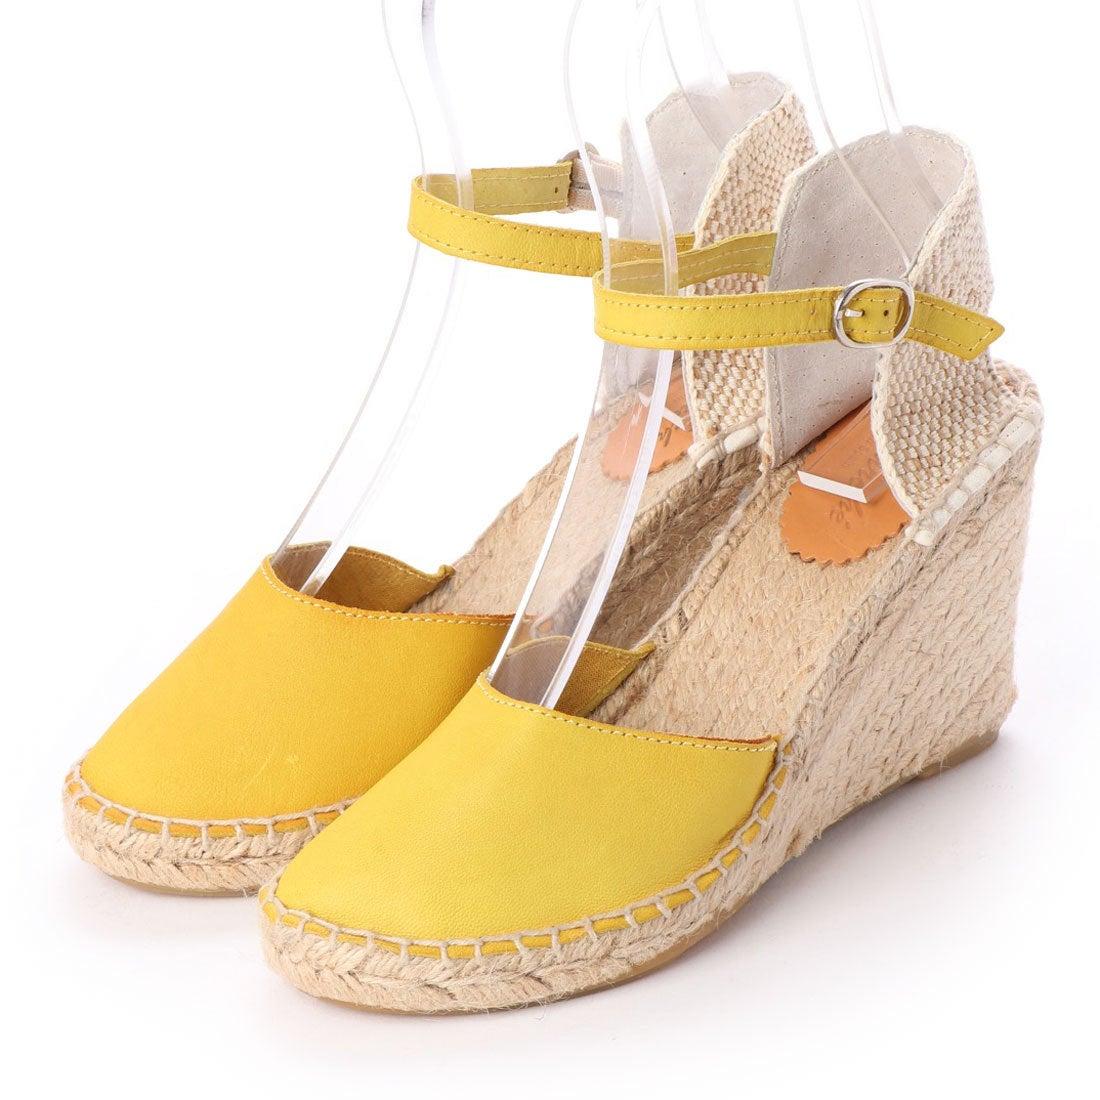 ロコンド 靴とファッションの通販サイトノイエ マルシェ neue marche ウェッジシューズ(イエロー)